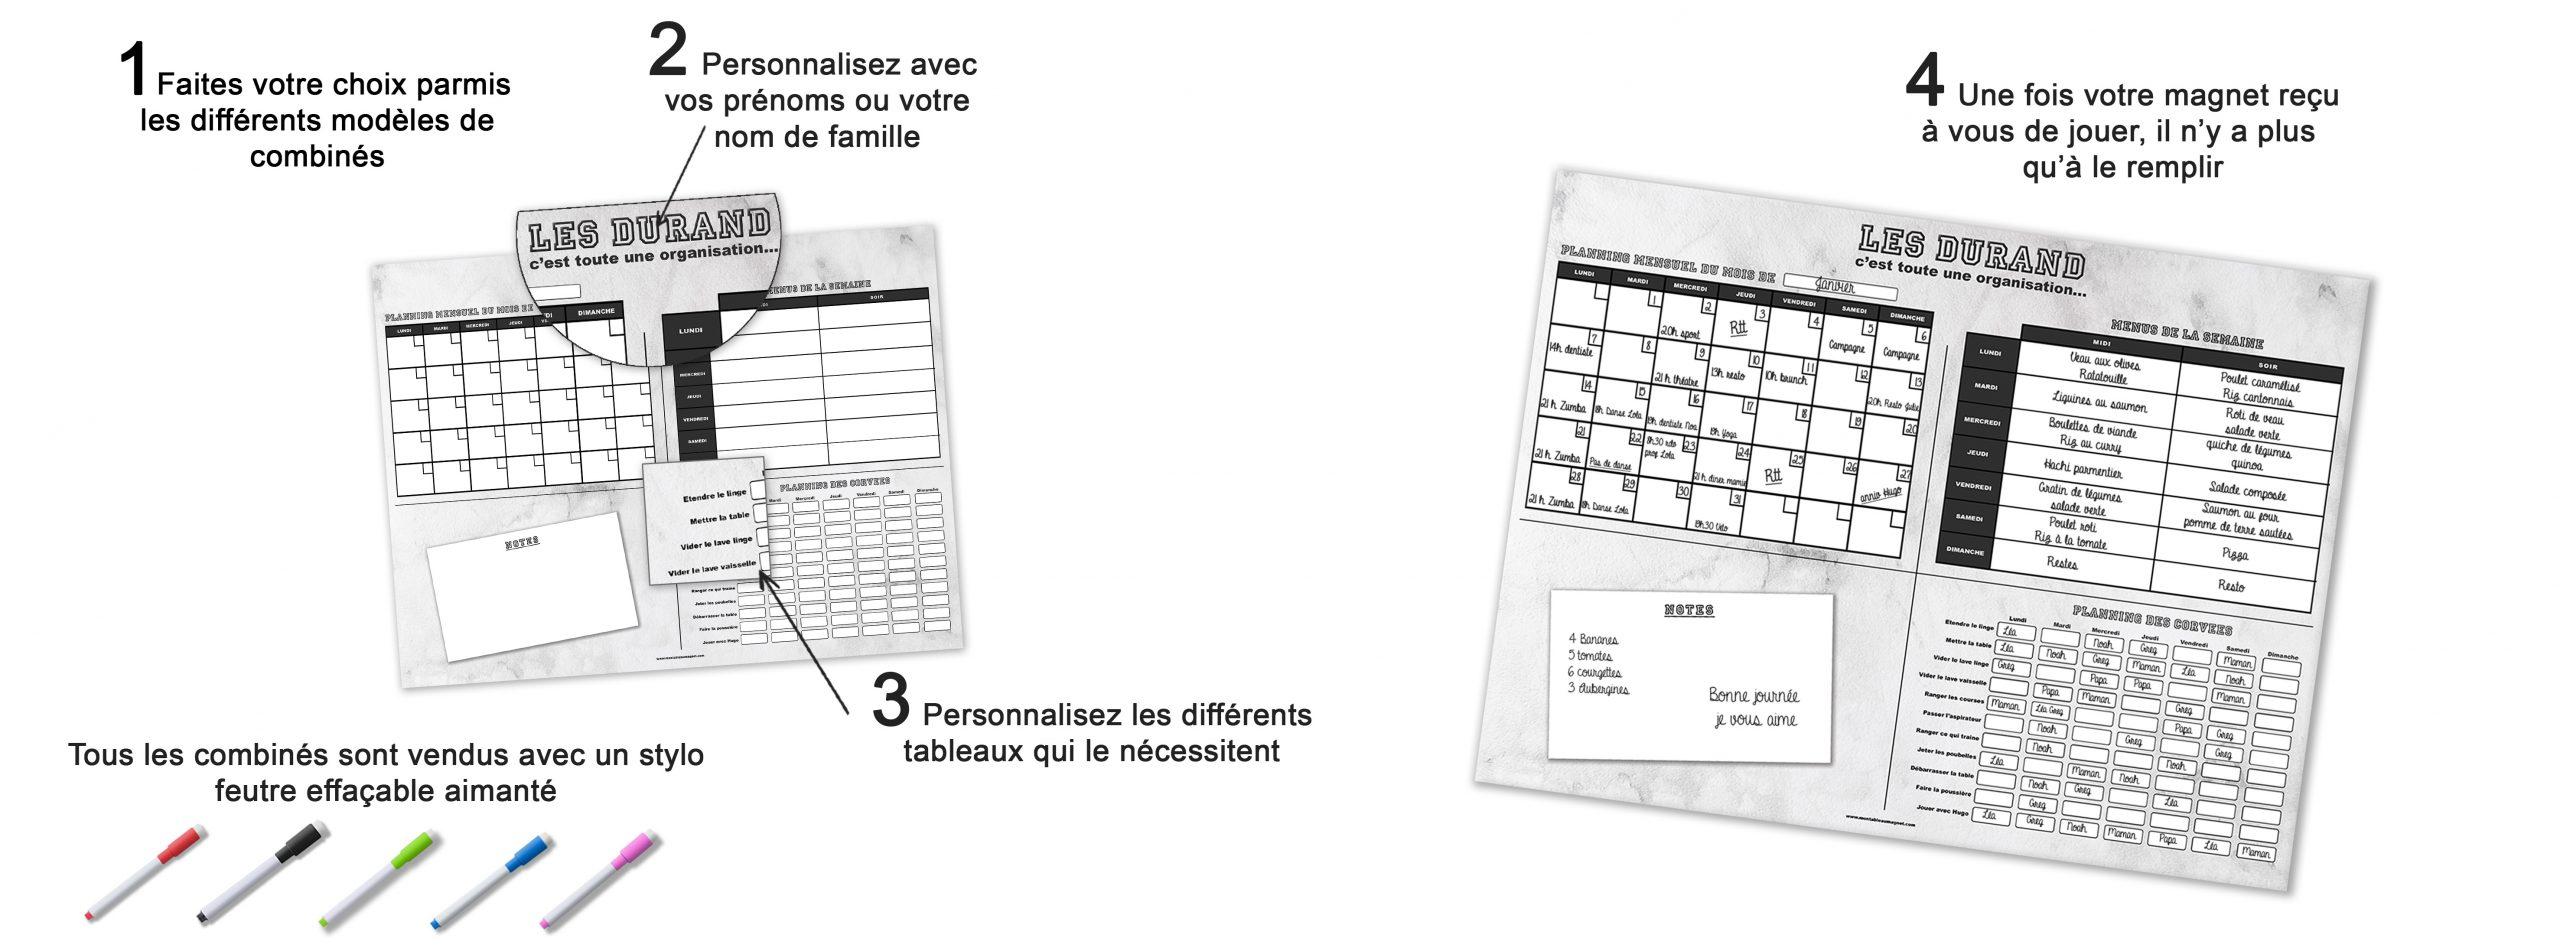 mode d'emploi pour personnaliser le combiné de plusieurs tableaux pour l'organisation de la famille